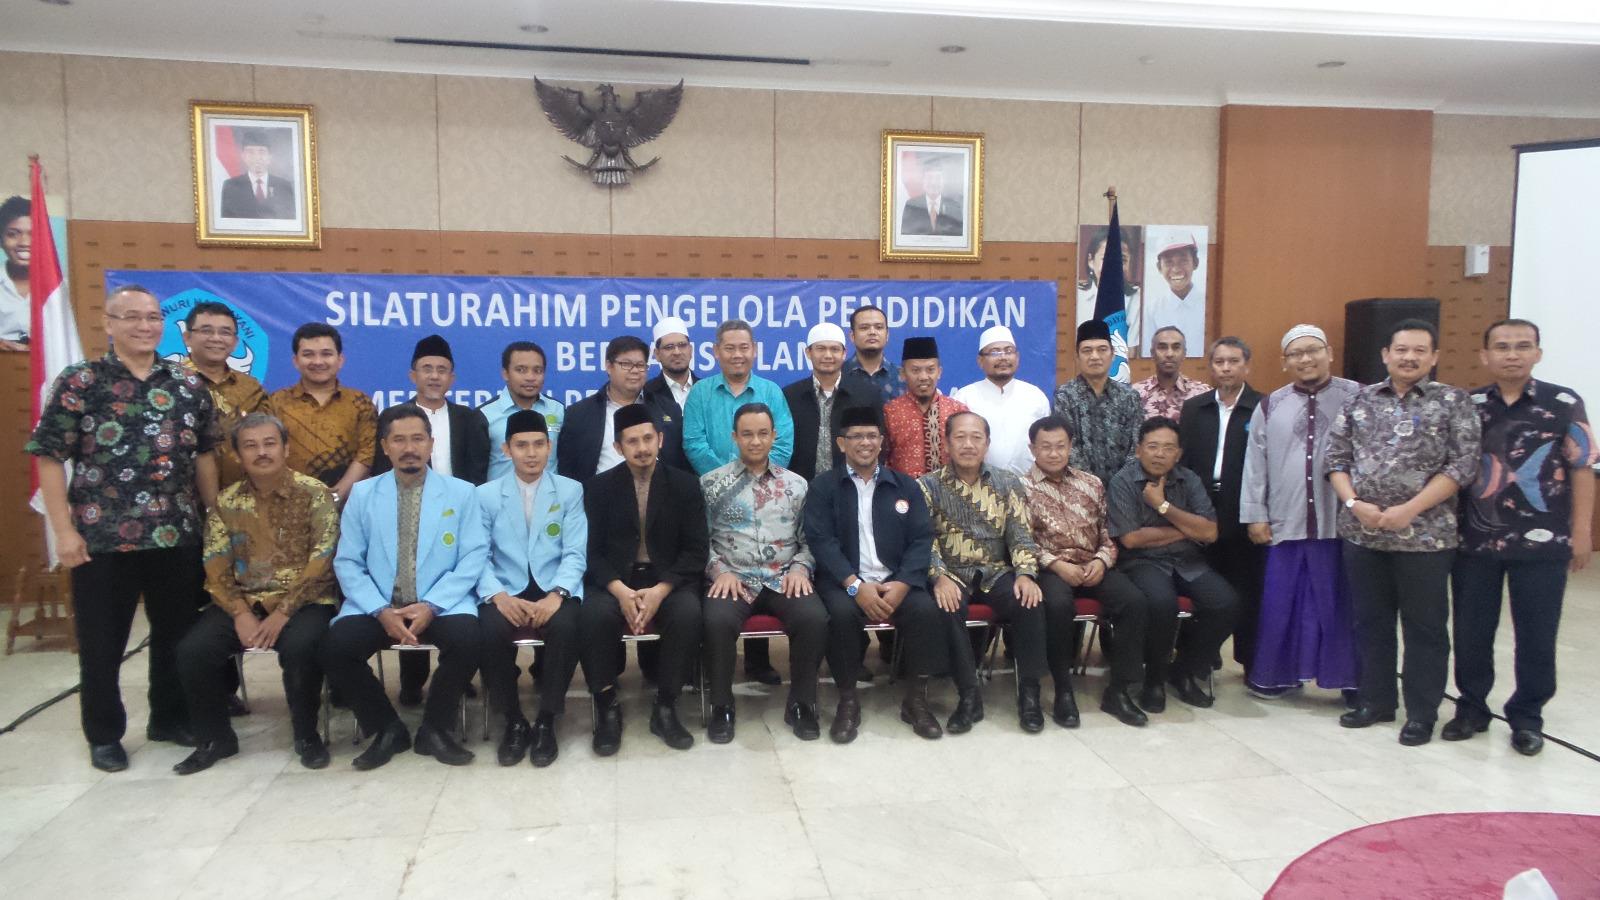 Silaturahim Pengelola Pendidikan Berbasis Islam dengan Kementerian Pendidikan dan Kebudayaan (Bagian I)